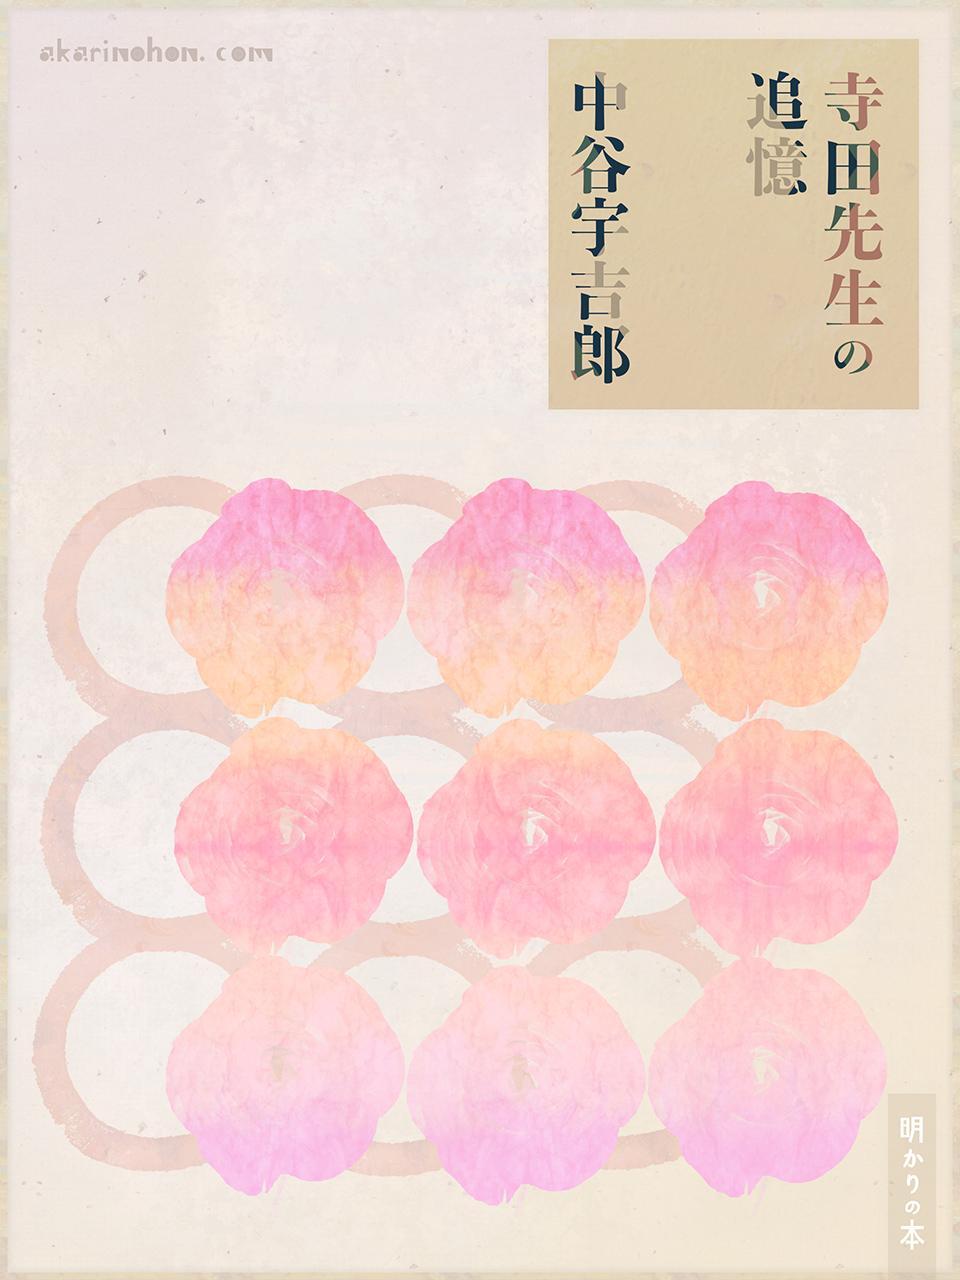 0000 - 寺田先生の追憶 中谷宇吉郎